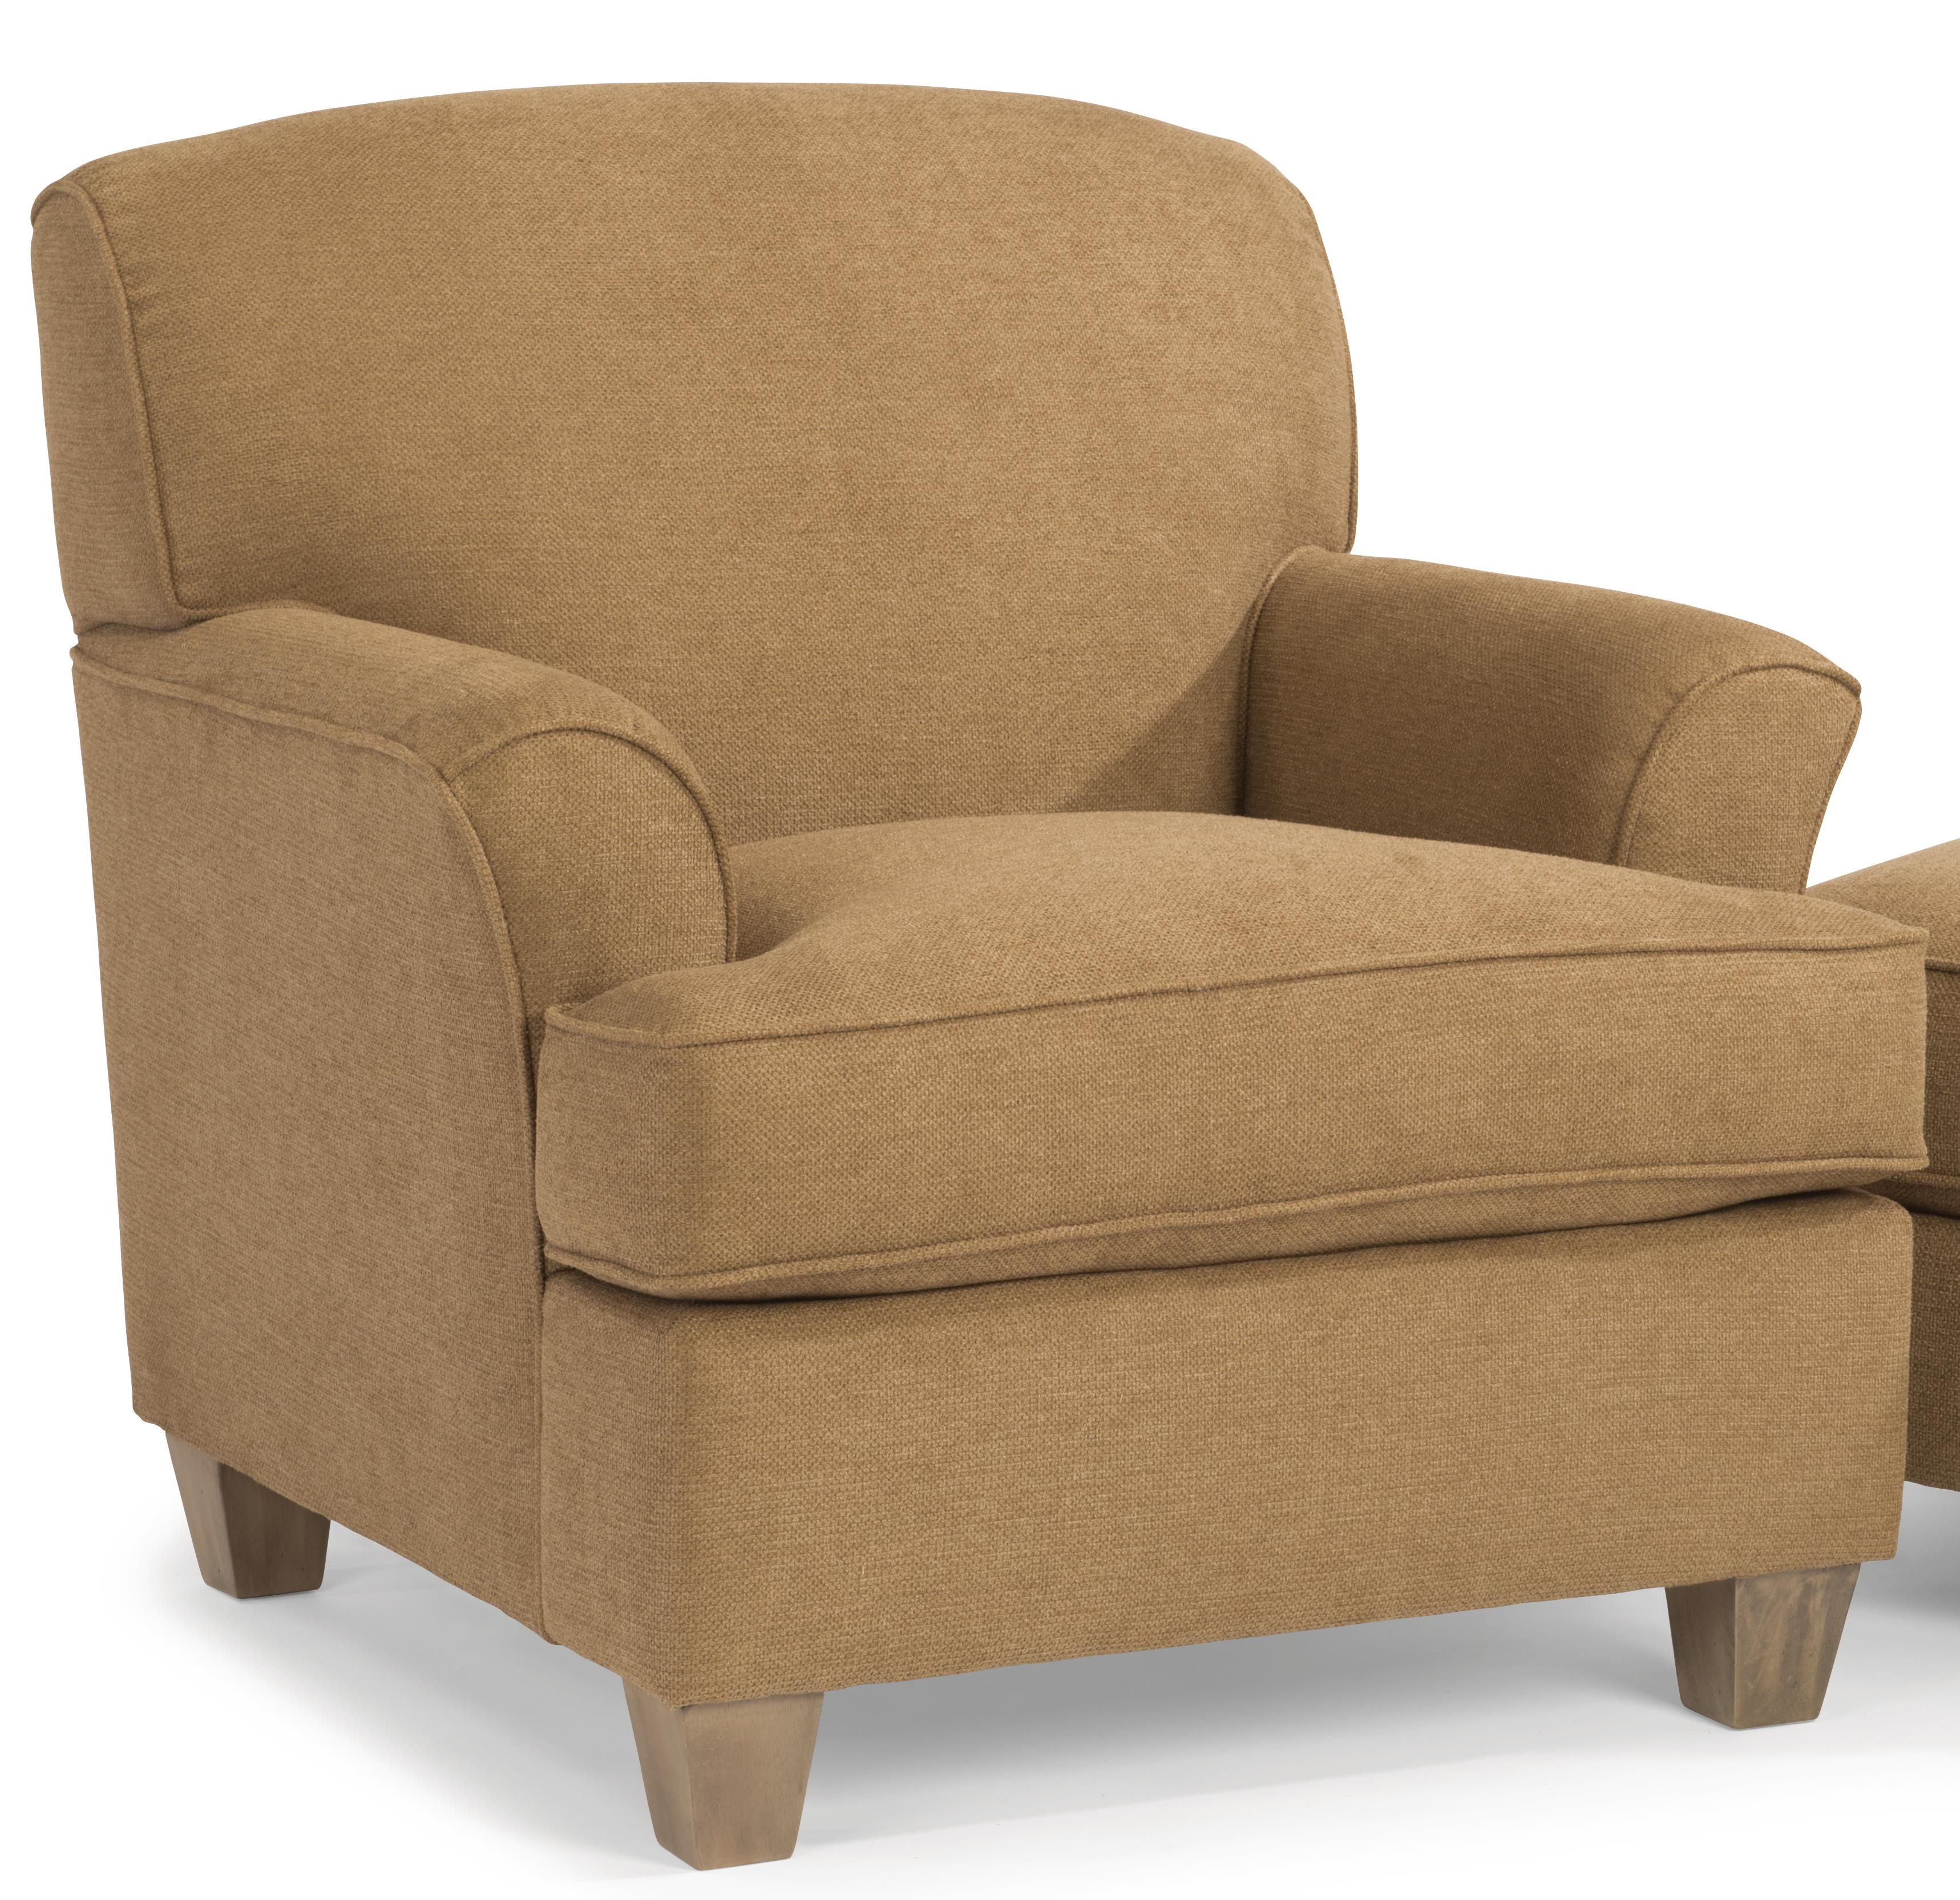 Atlantis Chair by Flexsteel at Jordan's Home Furnishings